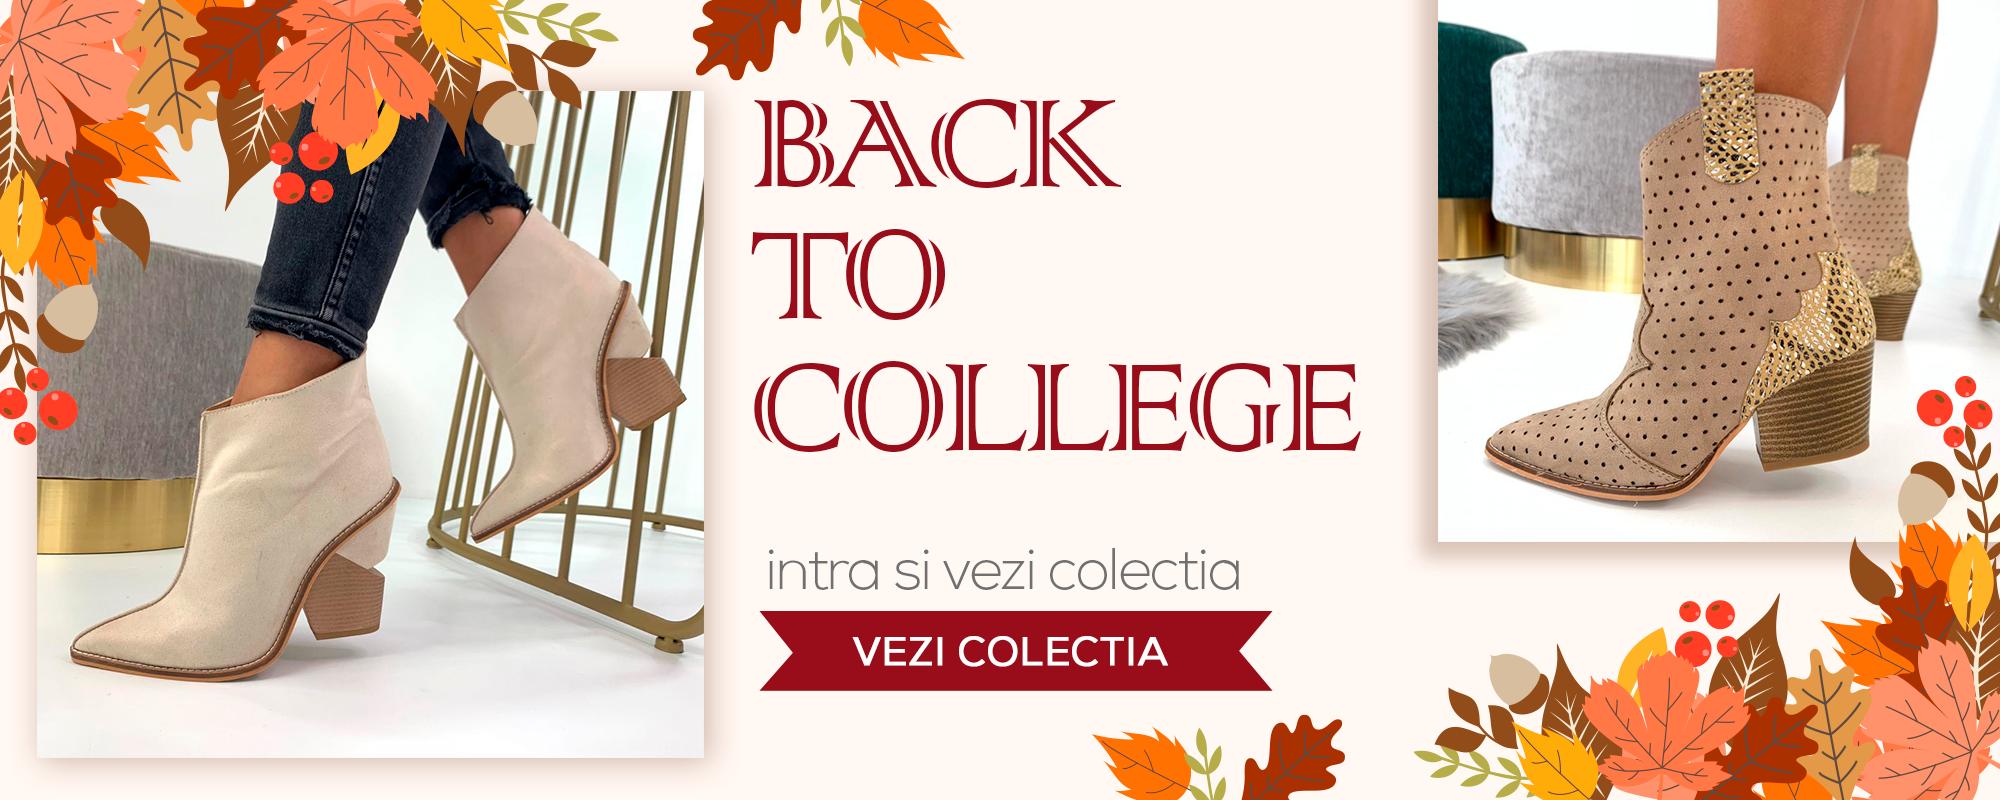 Incaltaminte Dama - Colectia Back to College - Reverse.ro